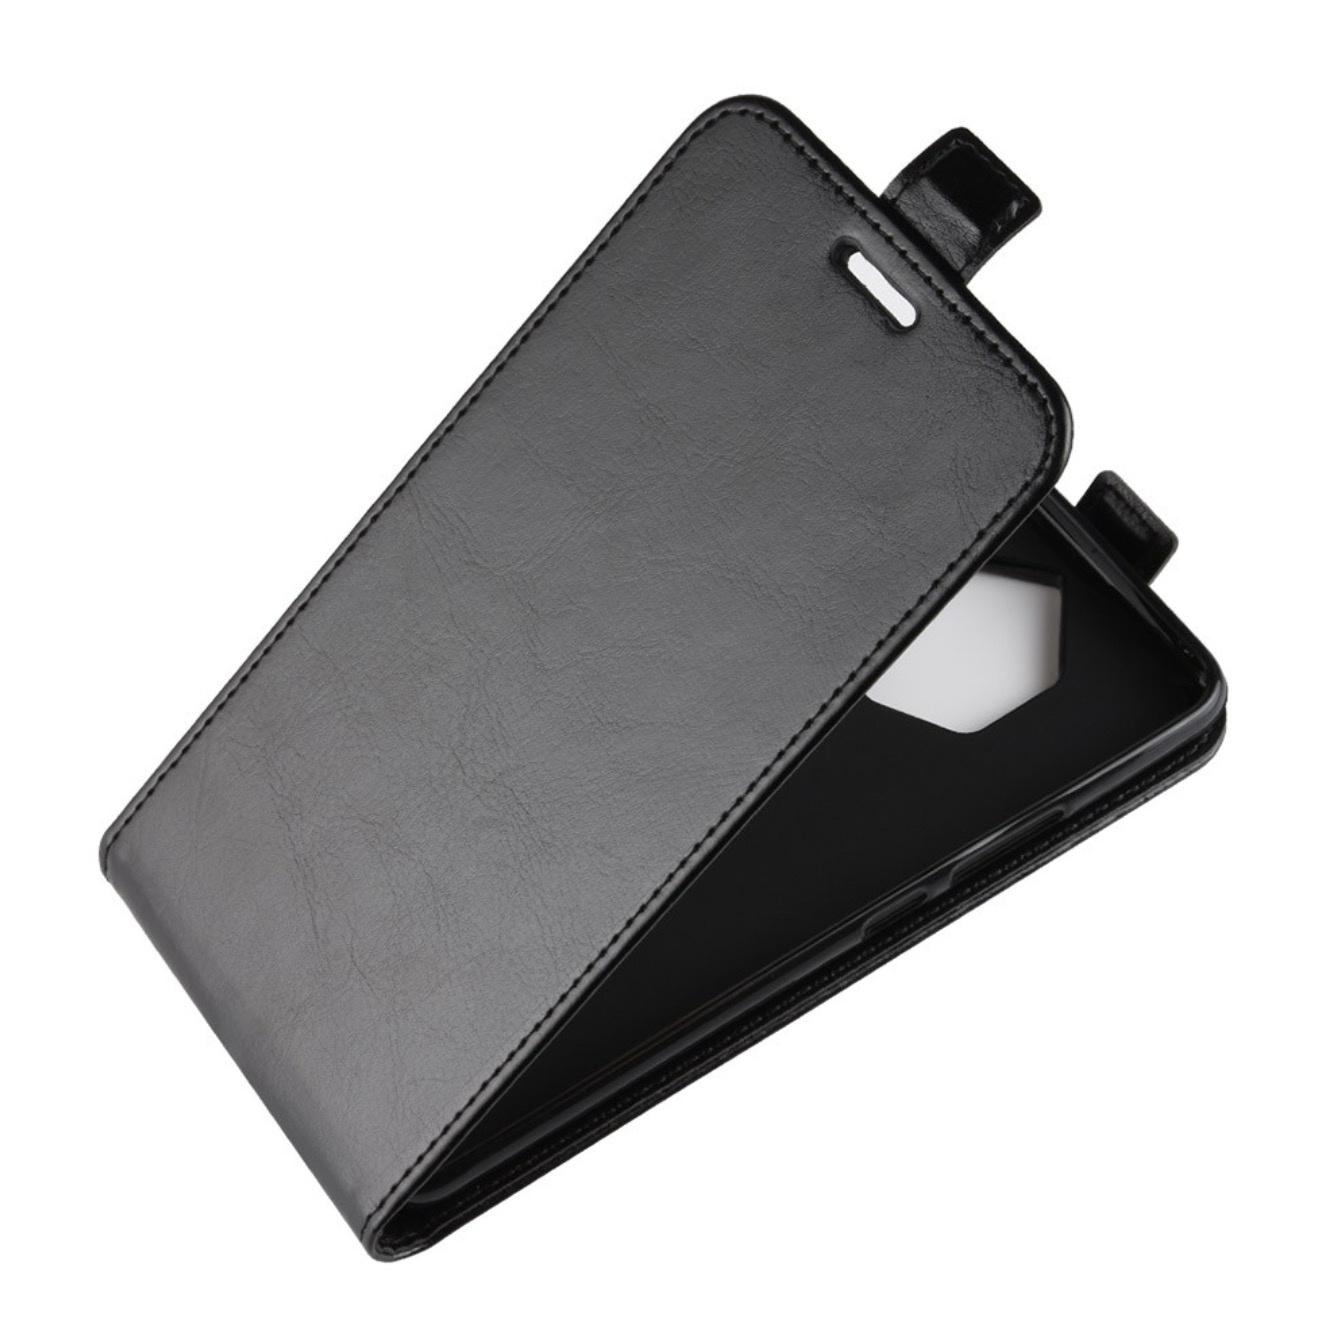 Чехол-флип MyPads для Philips Xenium W336 вертикальный откидной черный